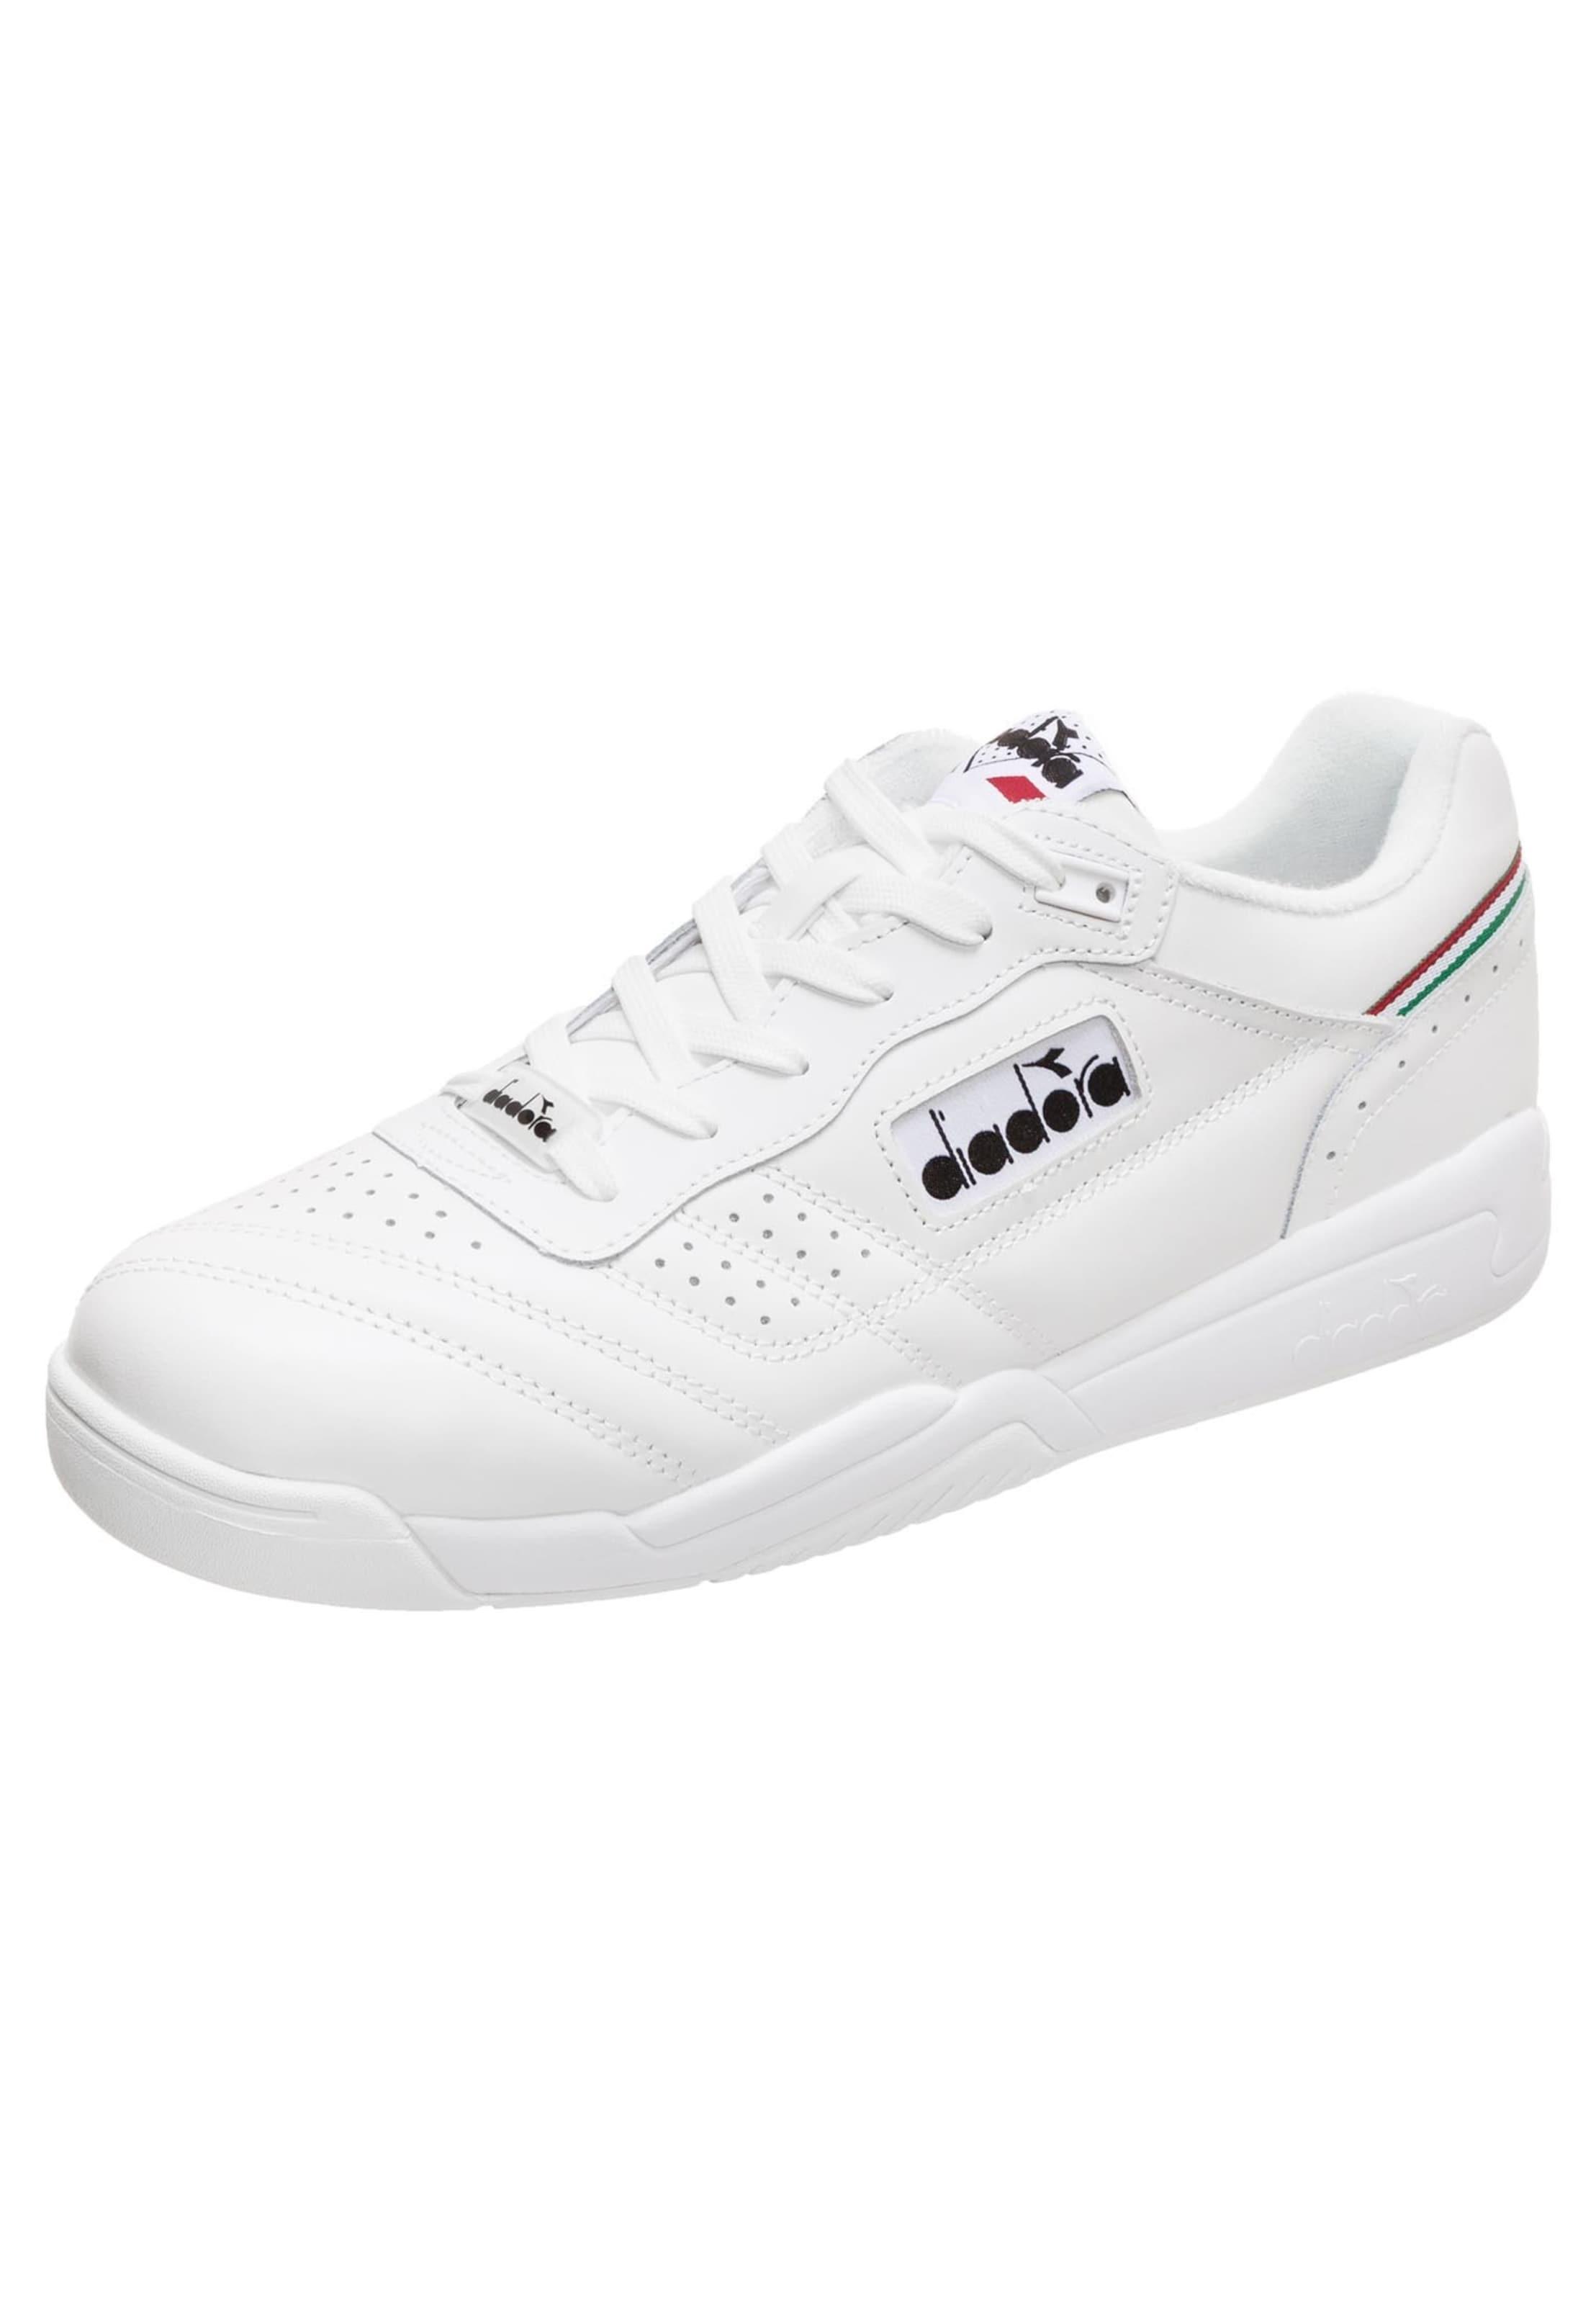 Diadora 'action' Sneaker In 'action' Diadora Weiß Sneaker fYy76bgv